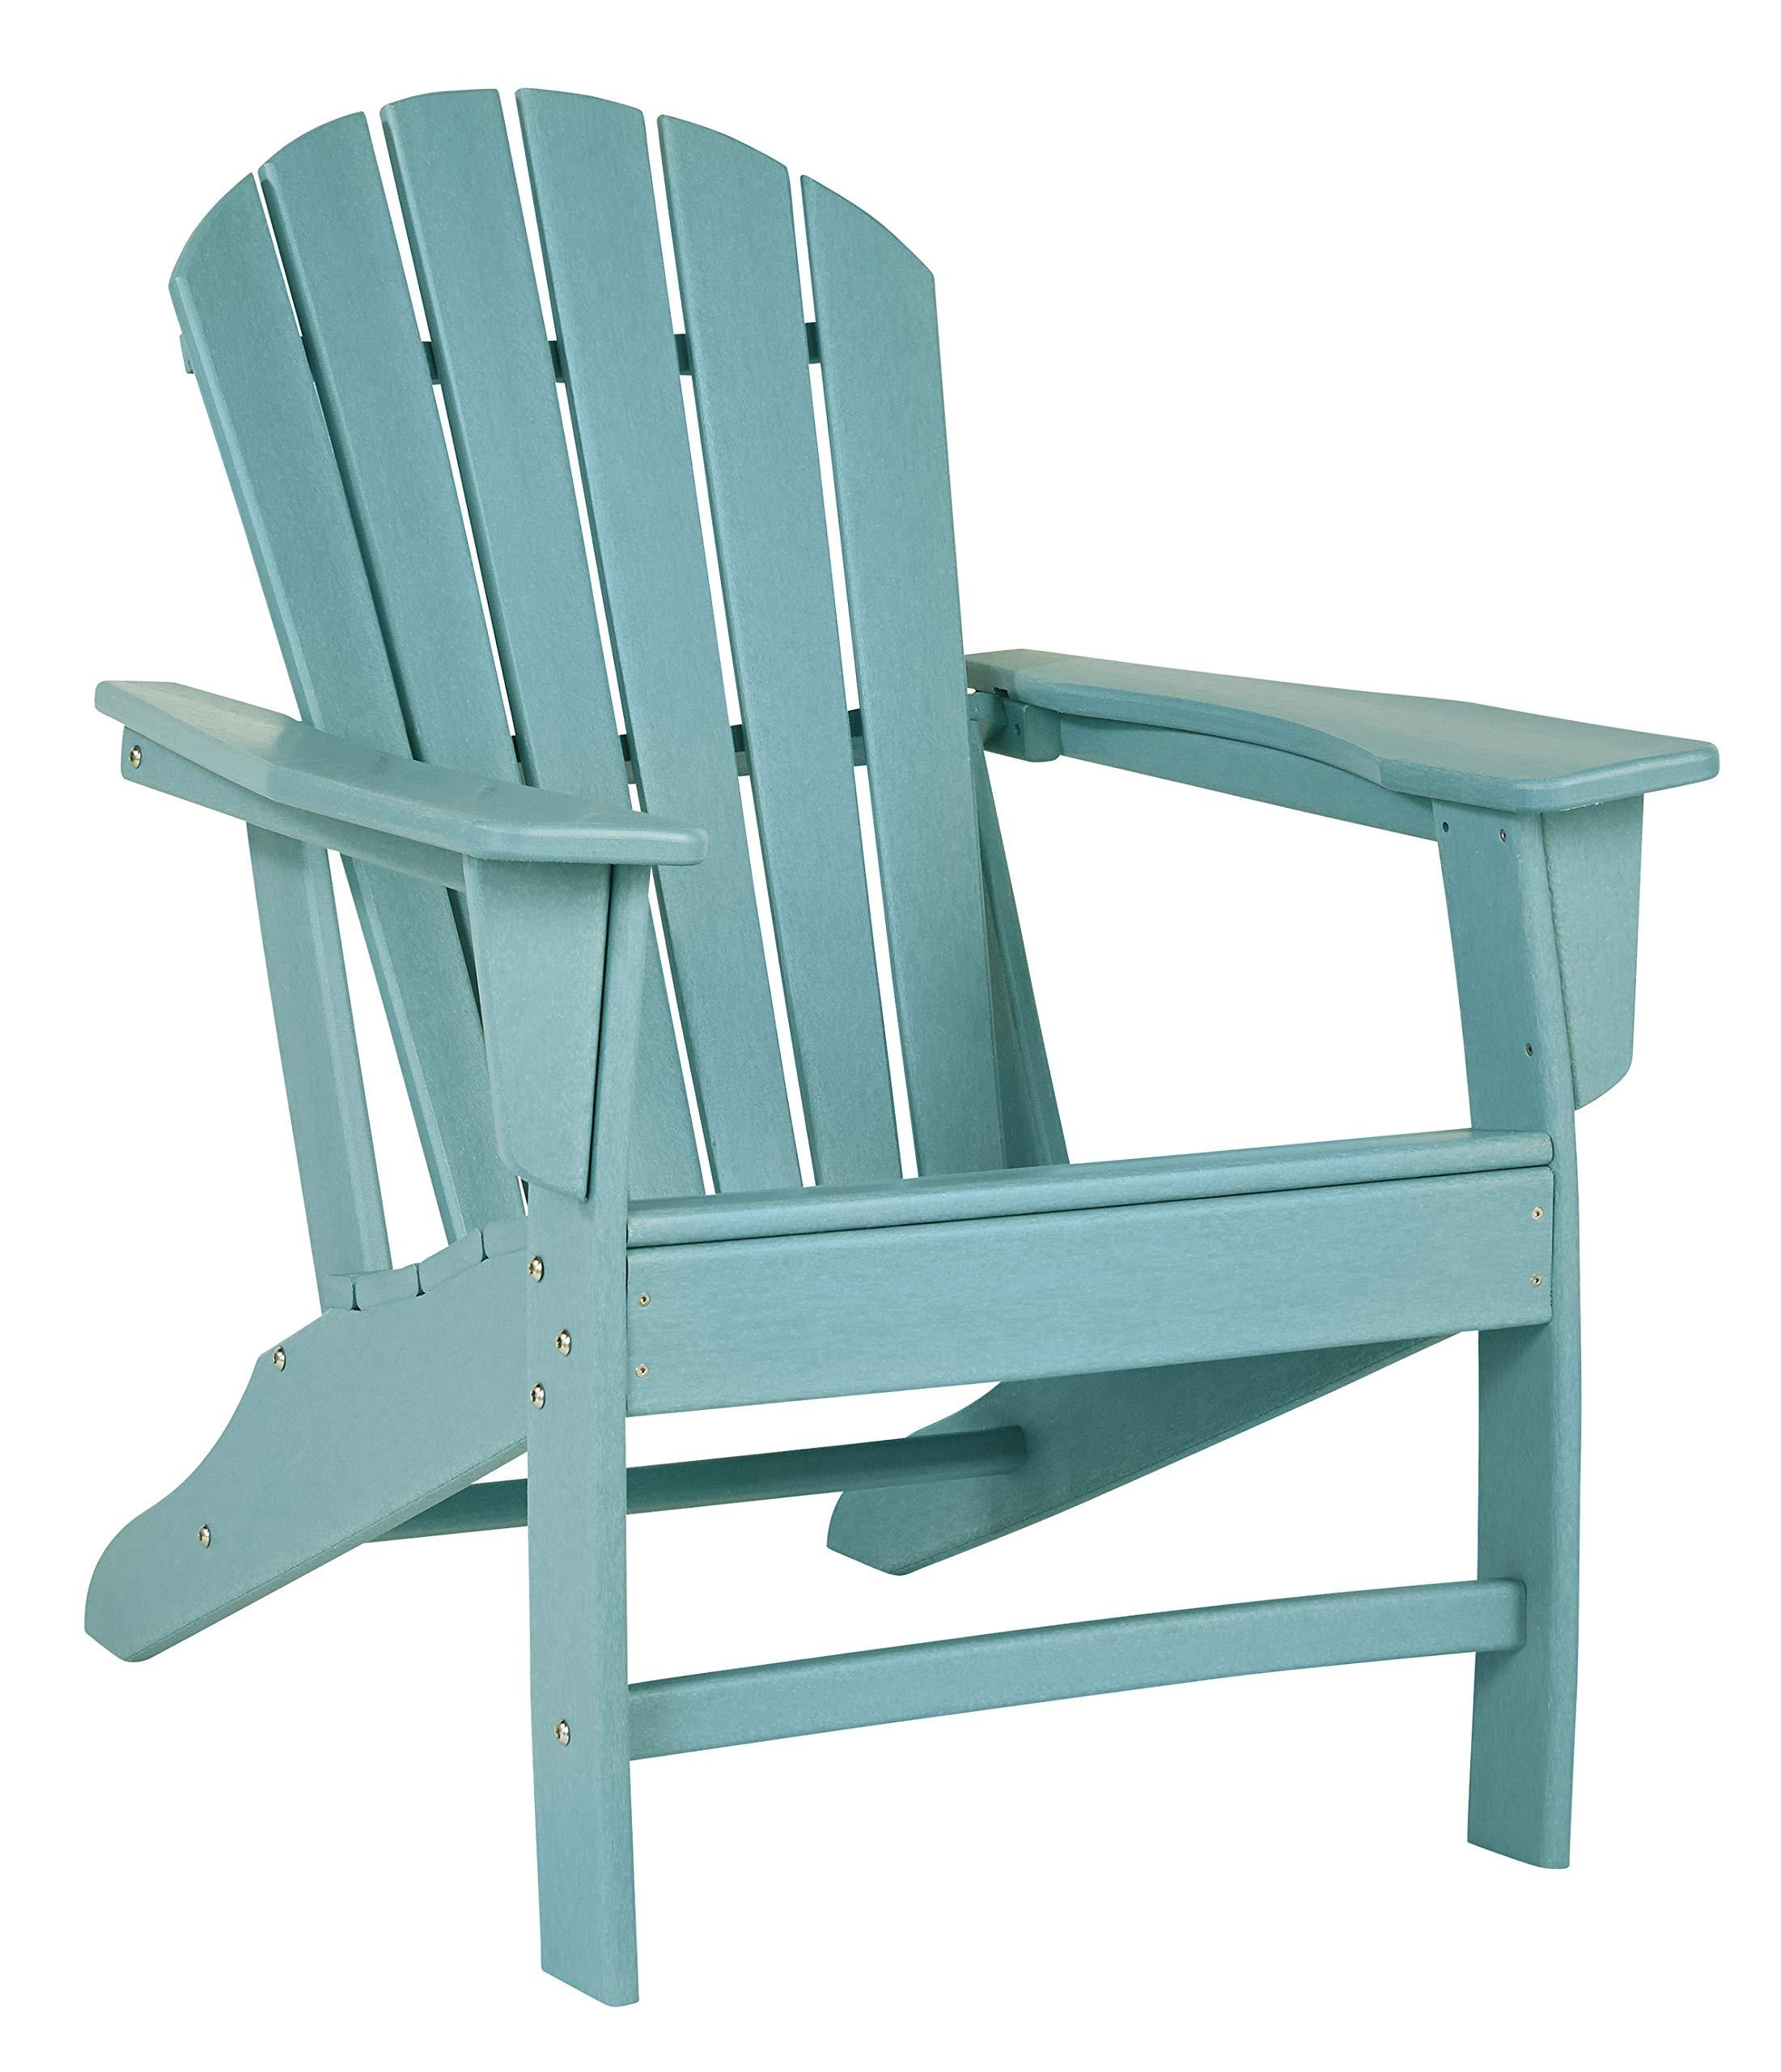 Ashley Furniture Signature Design Adirondack